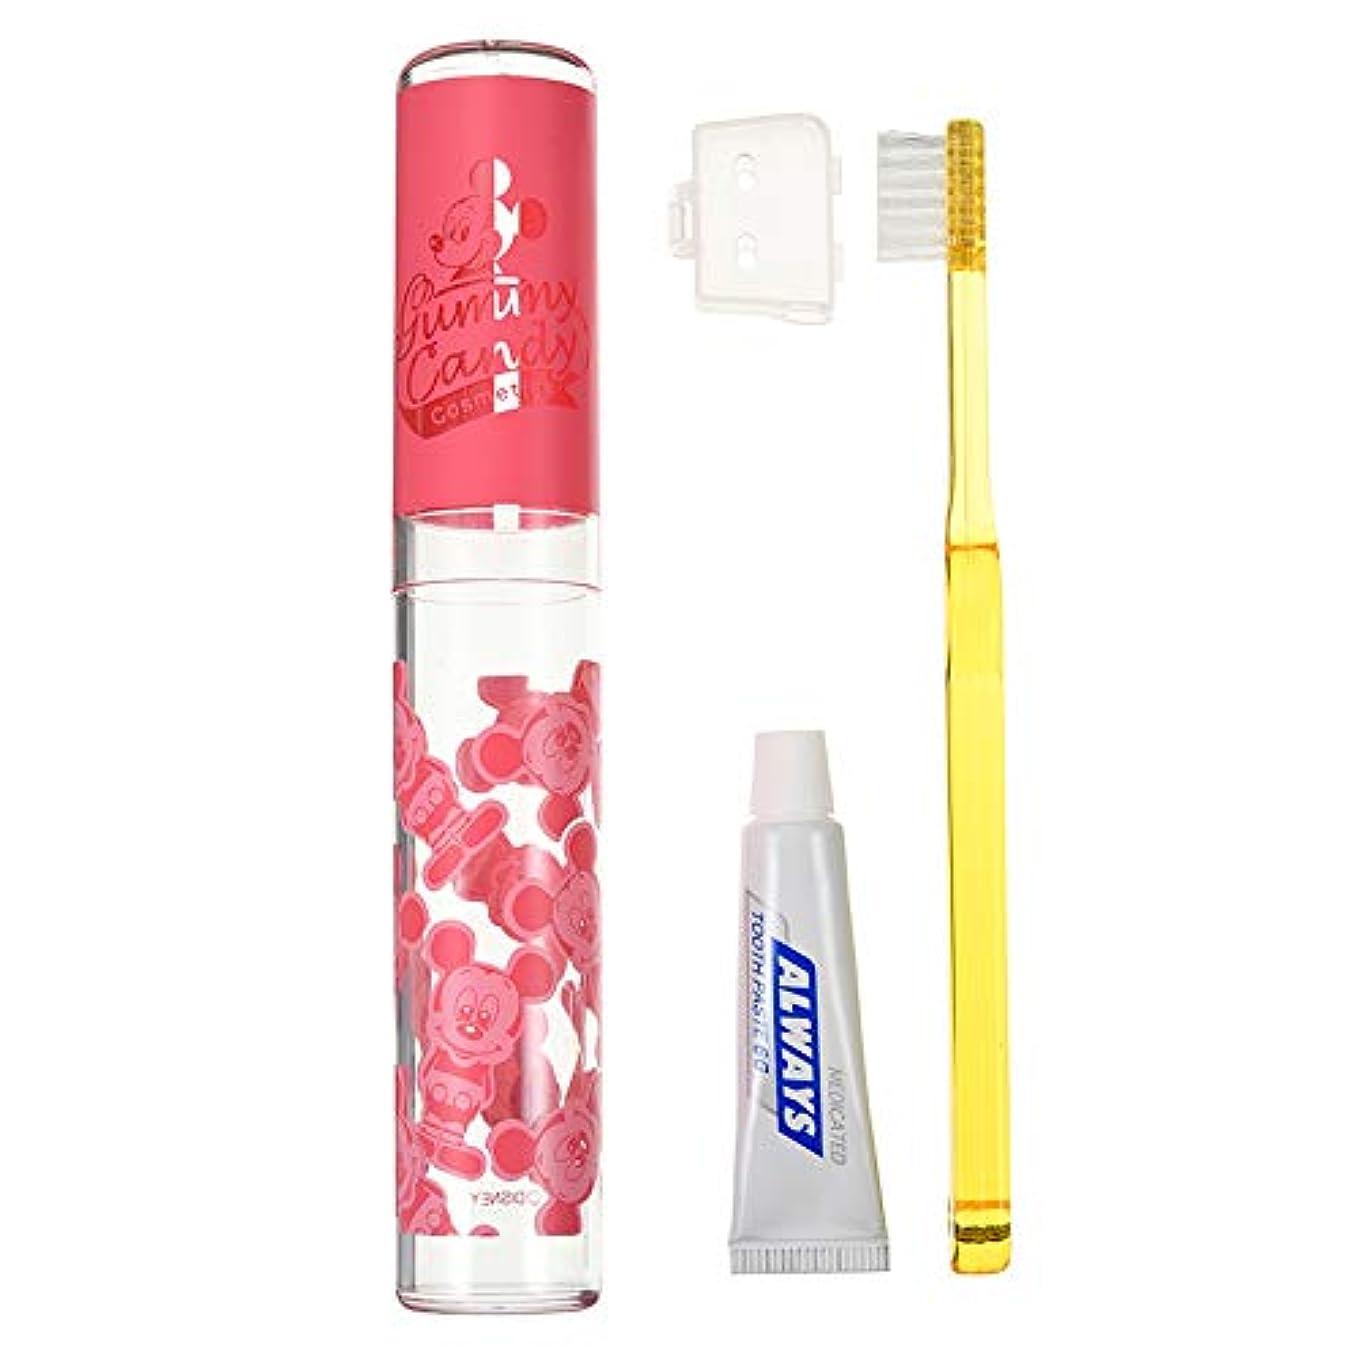 ディズニーストア(公式)歯ブラシ セット ミッキー グミキャンディ